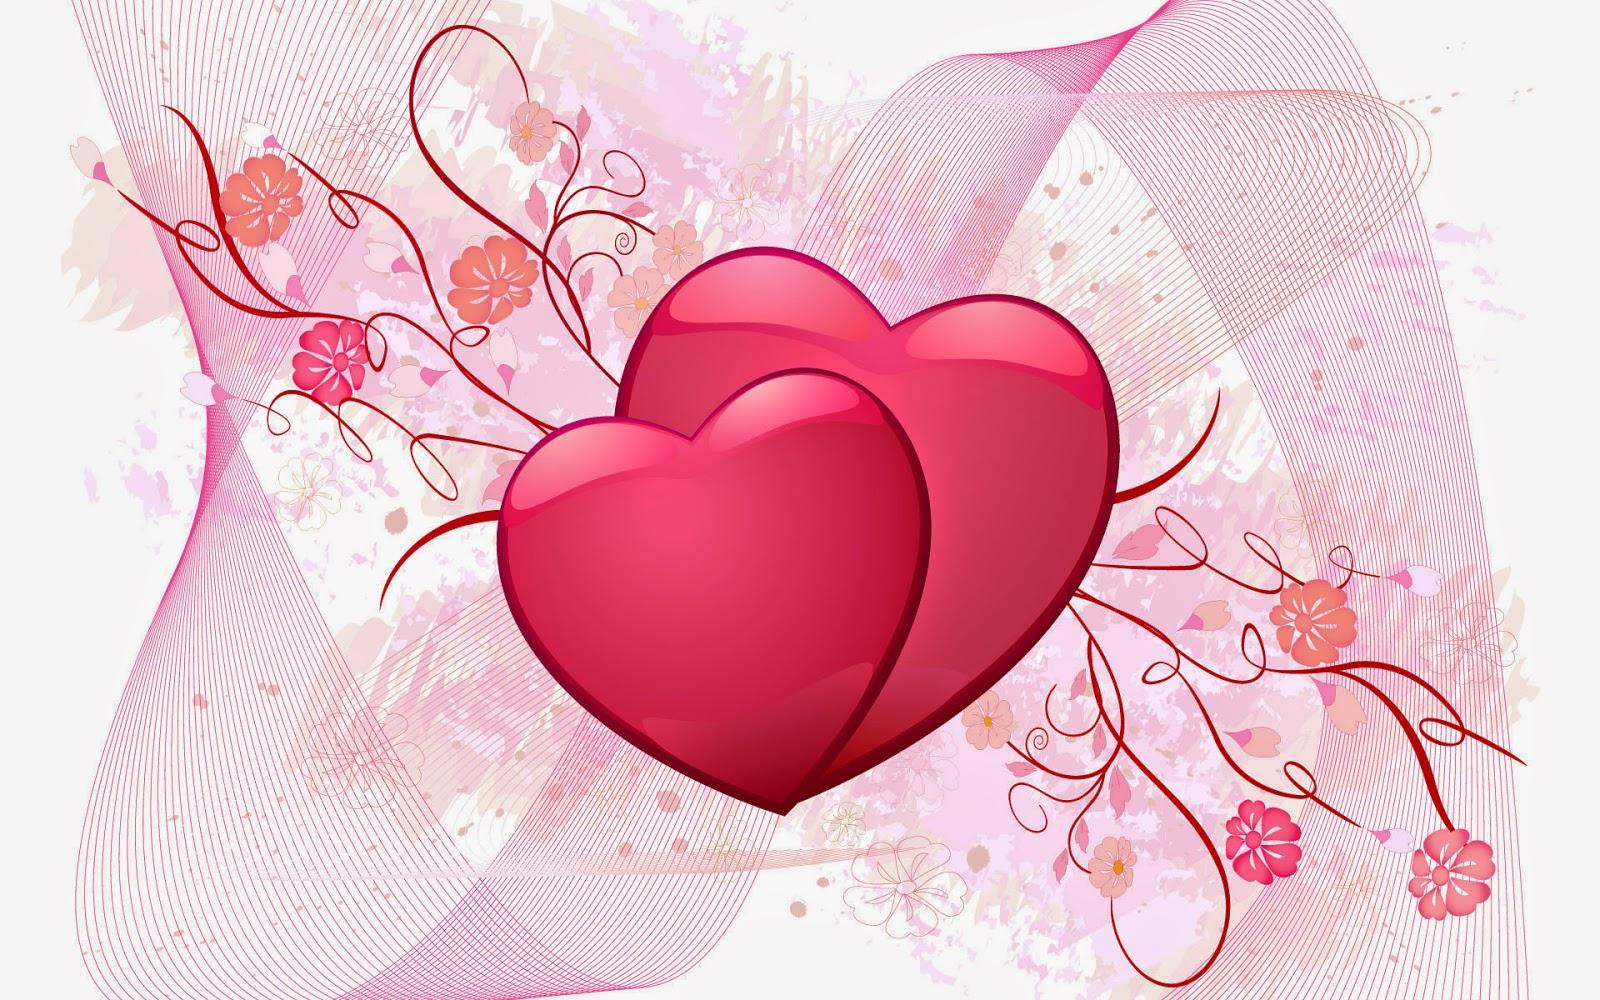 Hình ảnh trái tim Valentine 2015